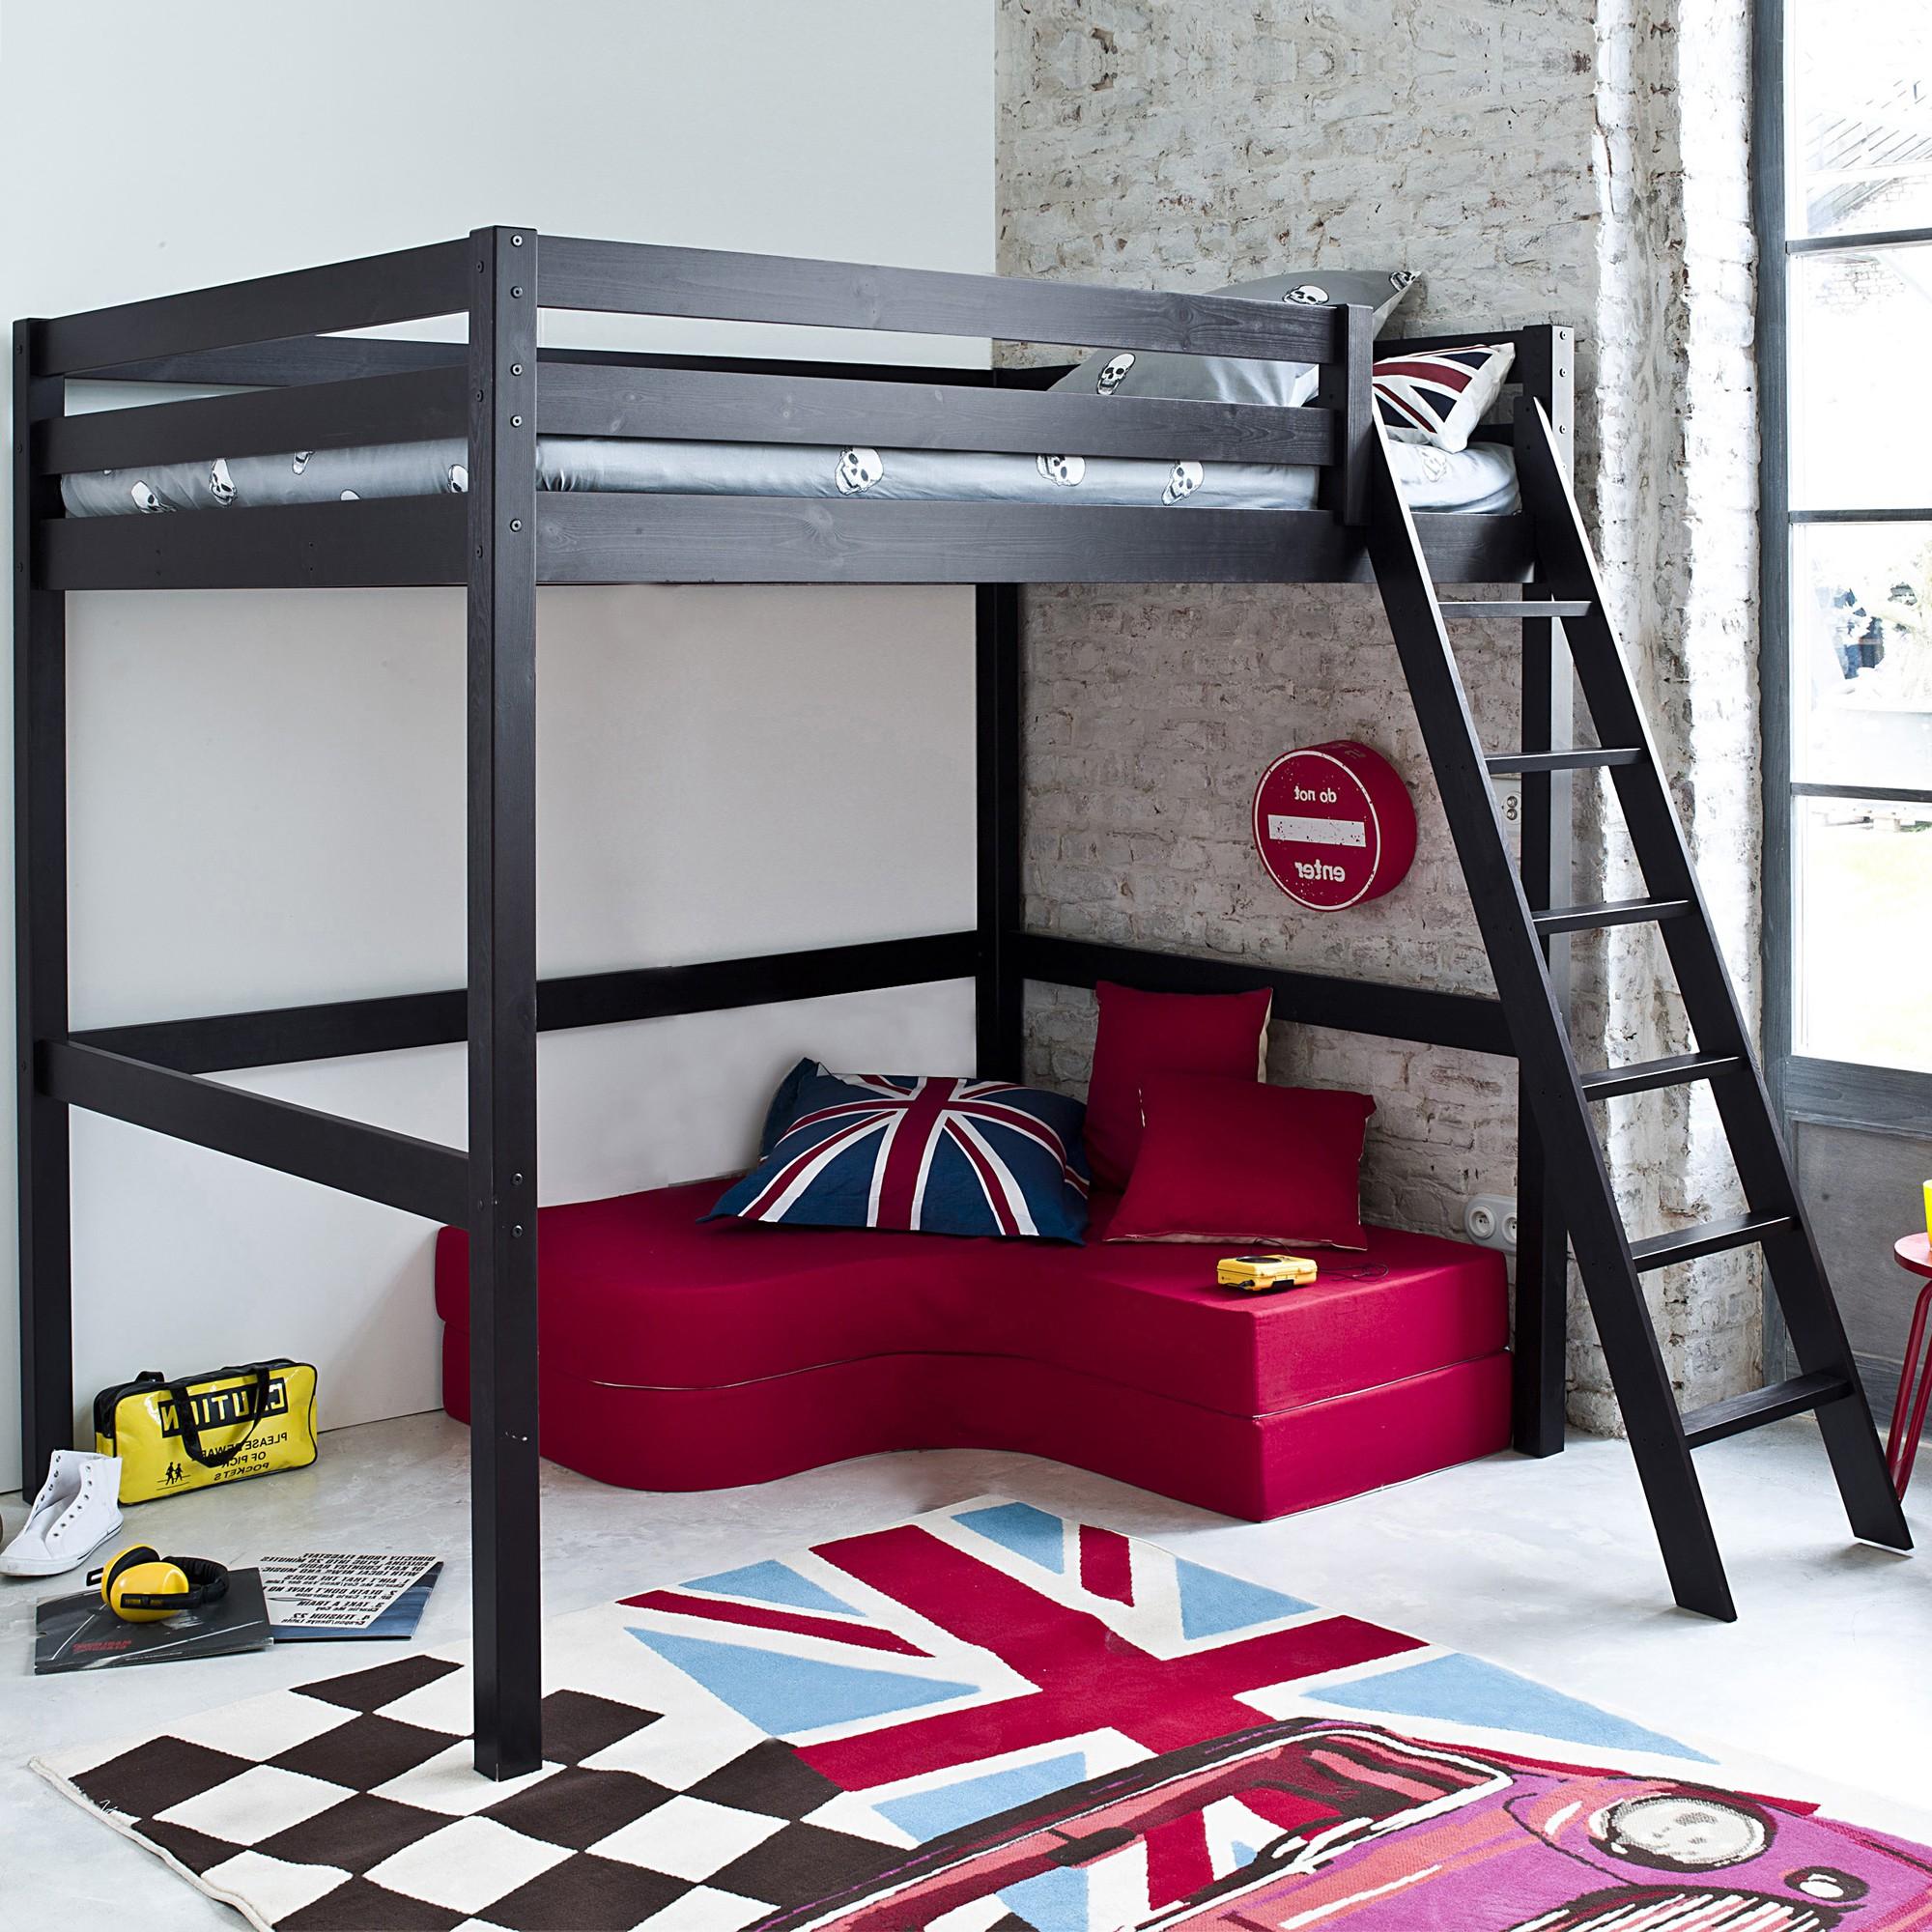 Canapé H Et H Beau Photographie Lit Mezzanine 2 Places Avec Bureau Lit Mezzanine 2 Place Lit